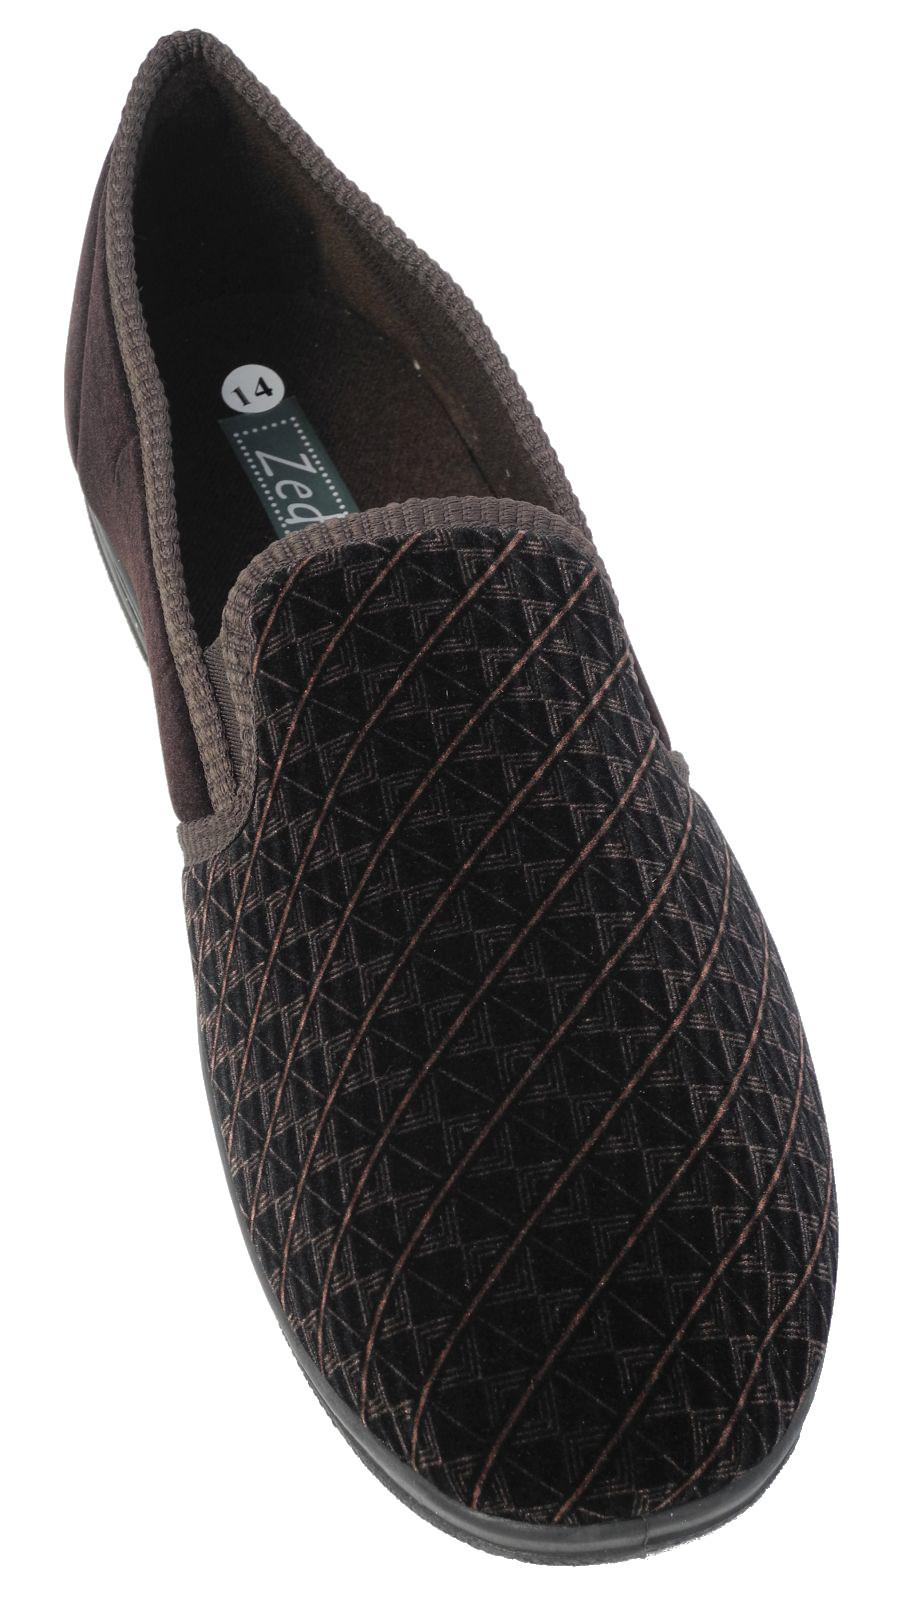 Hombre Zedzzz LUJO Cálido Cómodo terciopelo Zapatos Zapatillas tamaños grandes